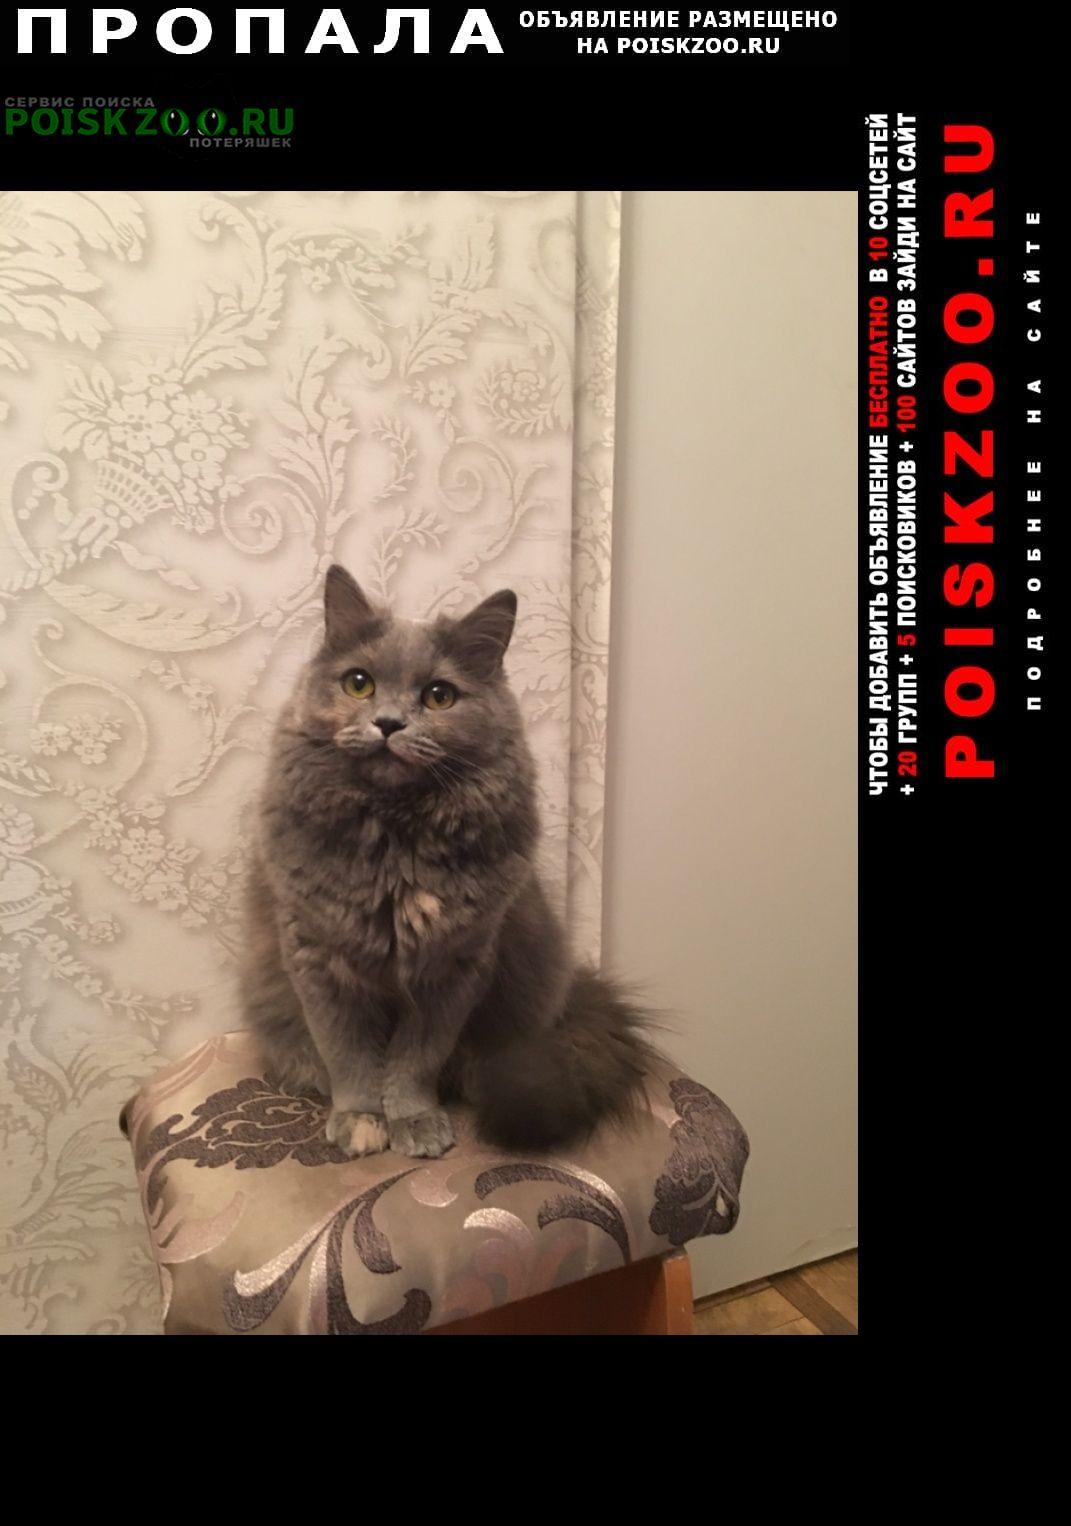 Пропала кошка рощино 5 сентября лен обл выборг Зеленогорск (Ленинградская обл.)